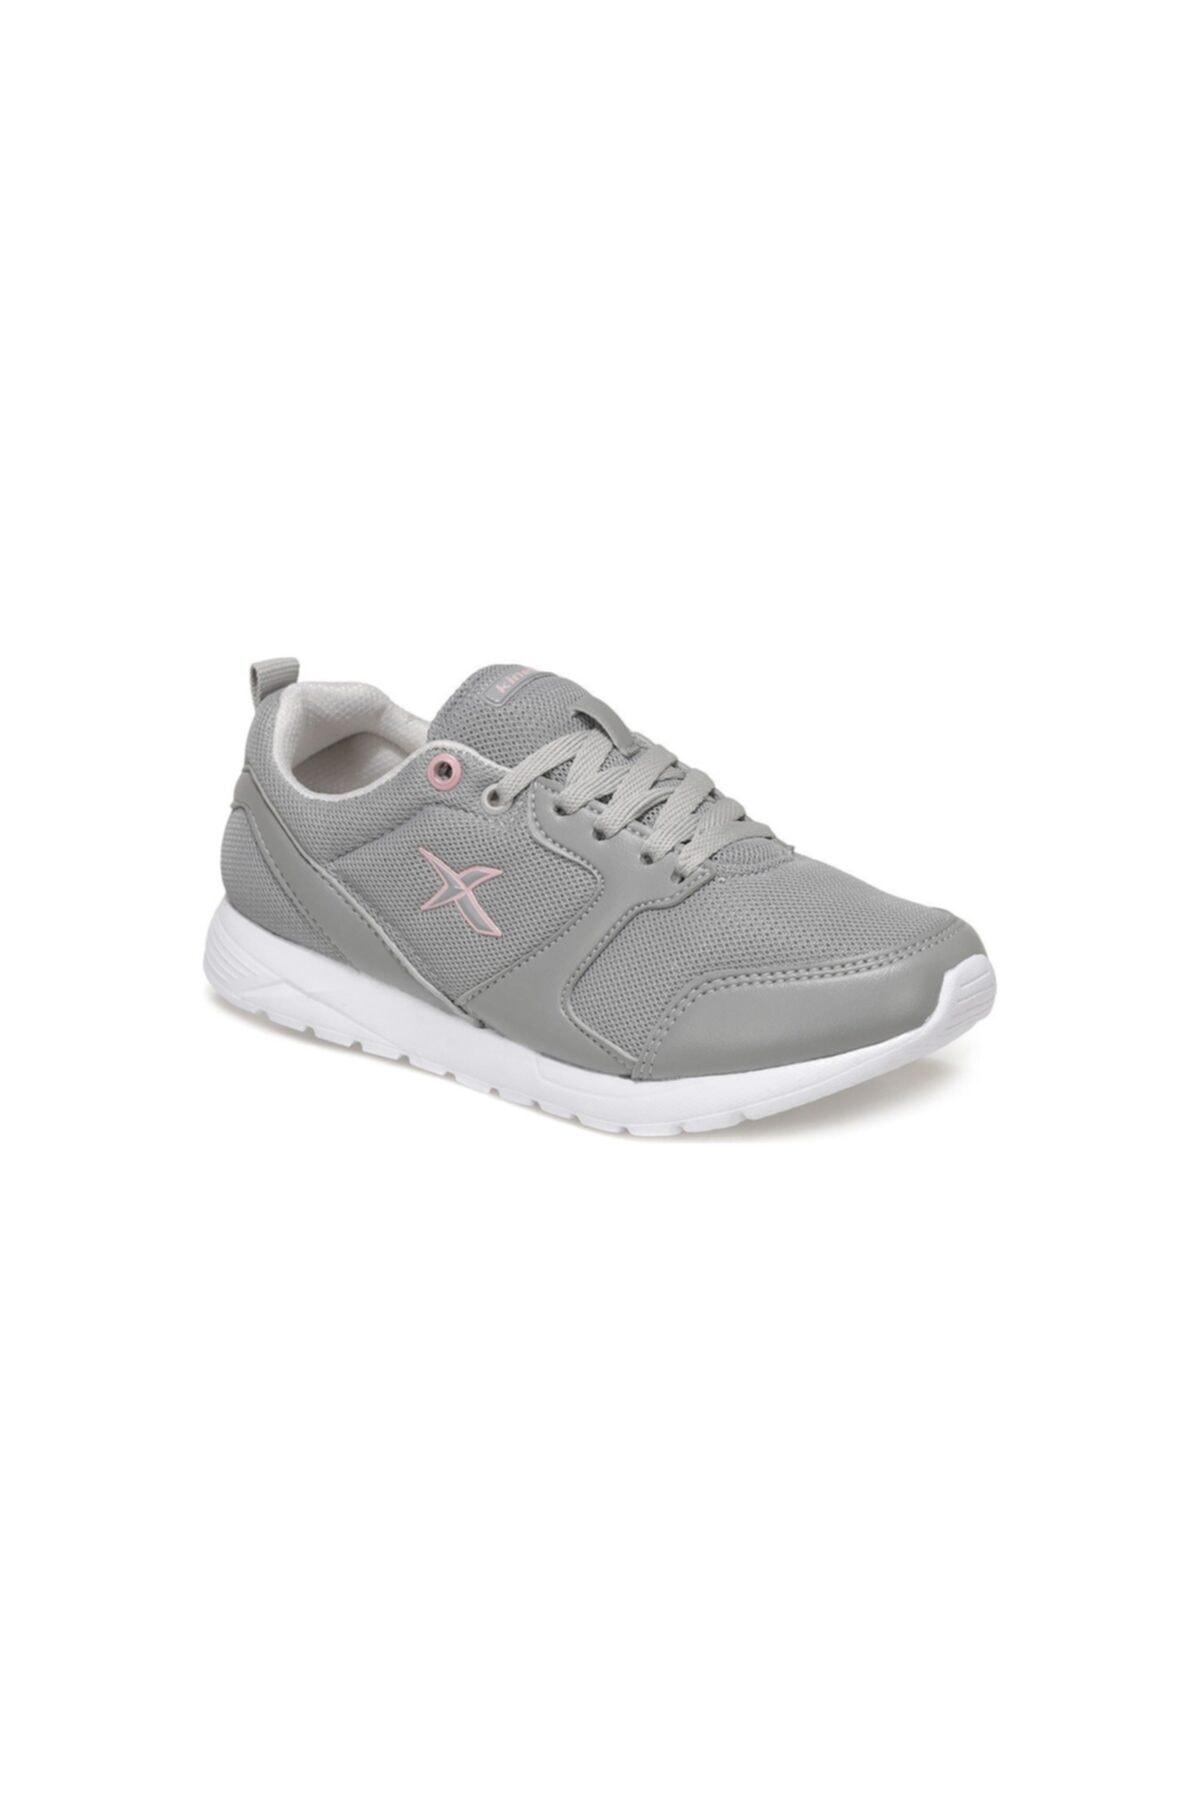 خرید پستی کفش مخصوص دویدن شیک زنانه برند کینتیکس kinetix رنگ نقره ای کد ty72359161